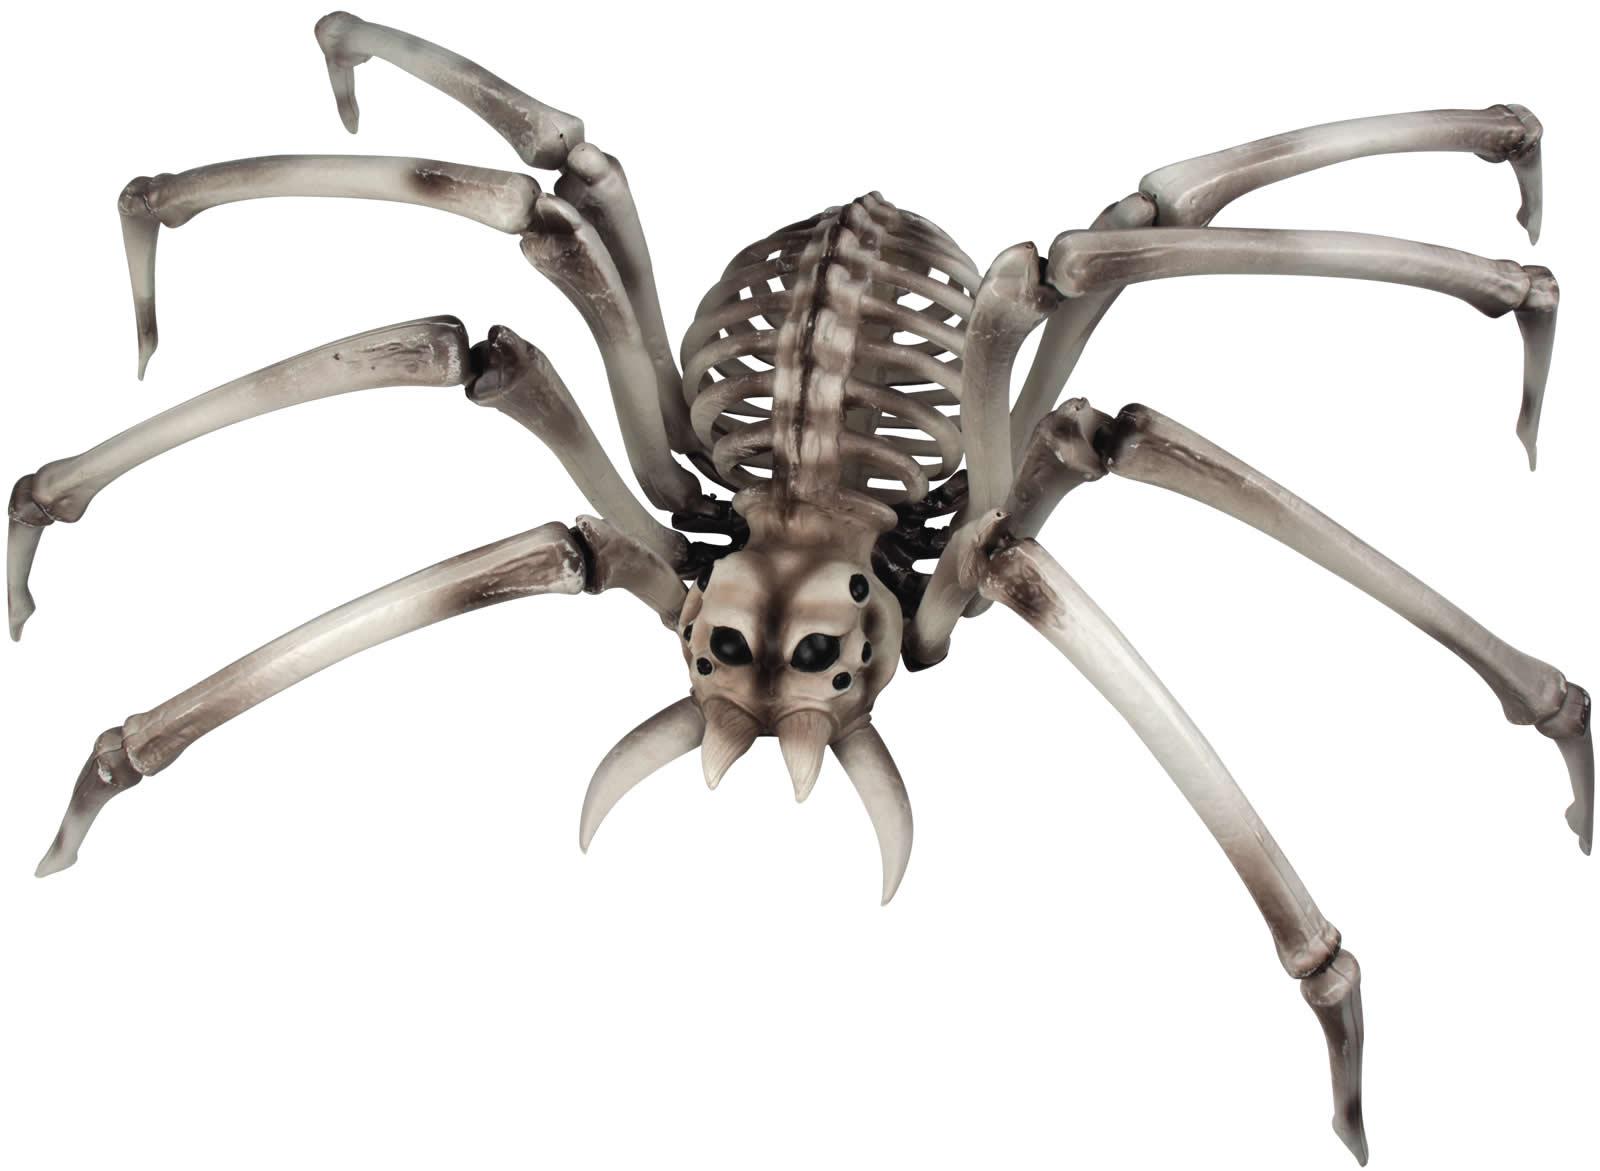 Spinnenskelett Spinne Skelett Horror Grusel Halloween Deko Accessoires 48x82 Cm Ebay